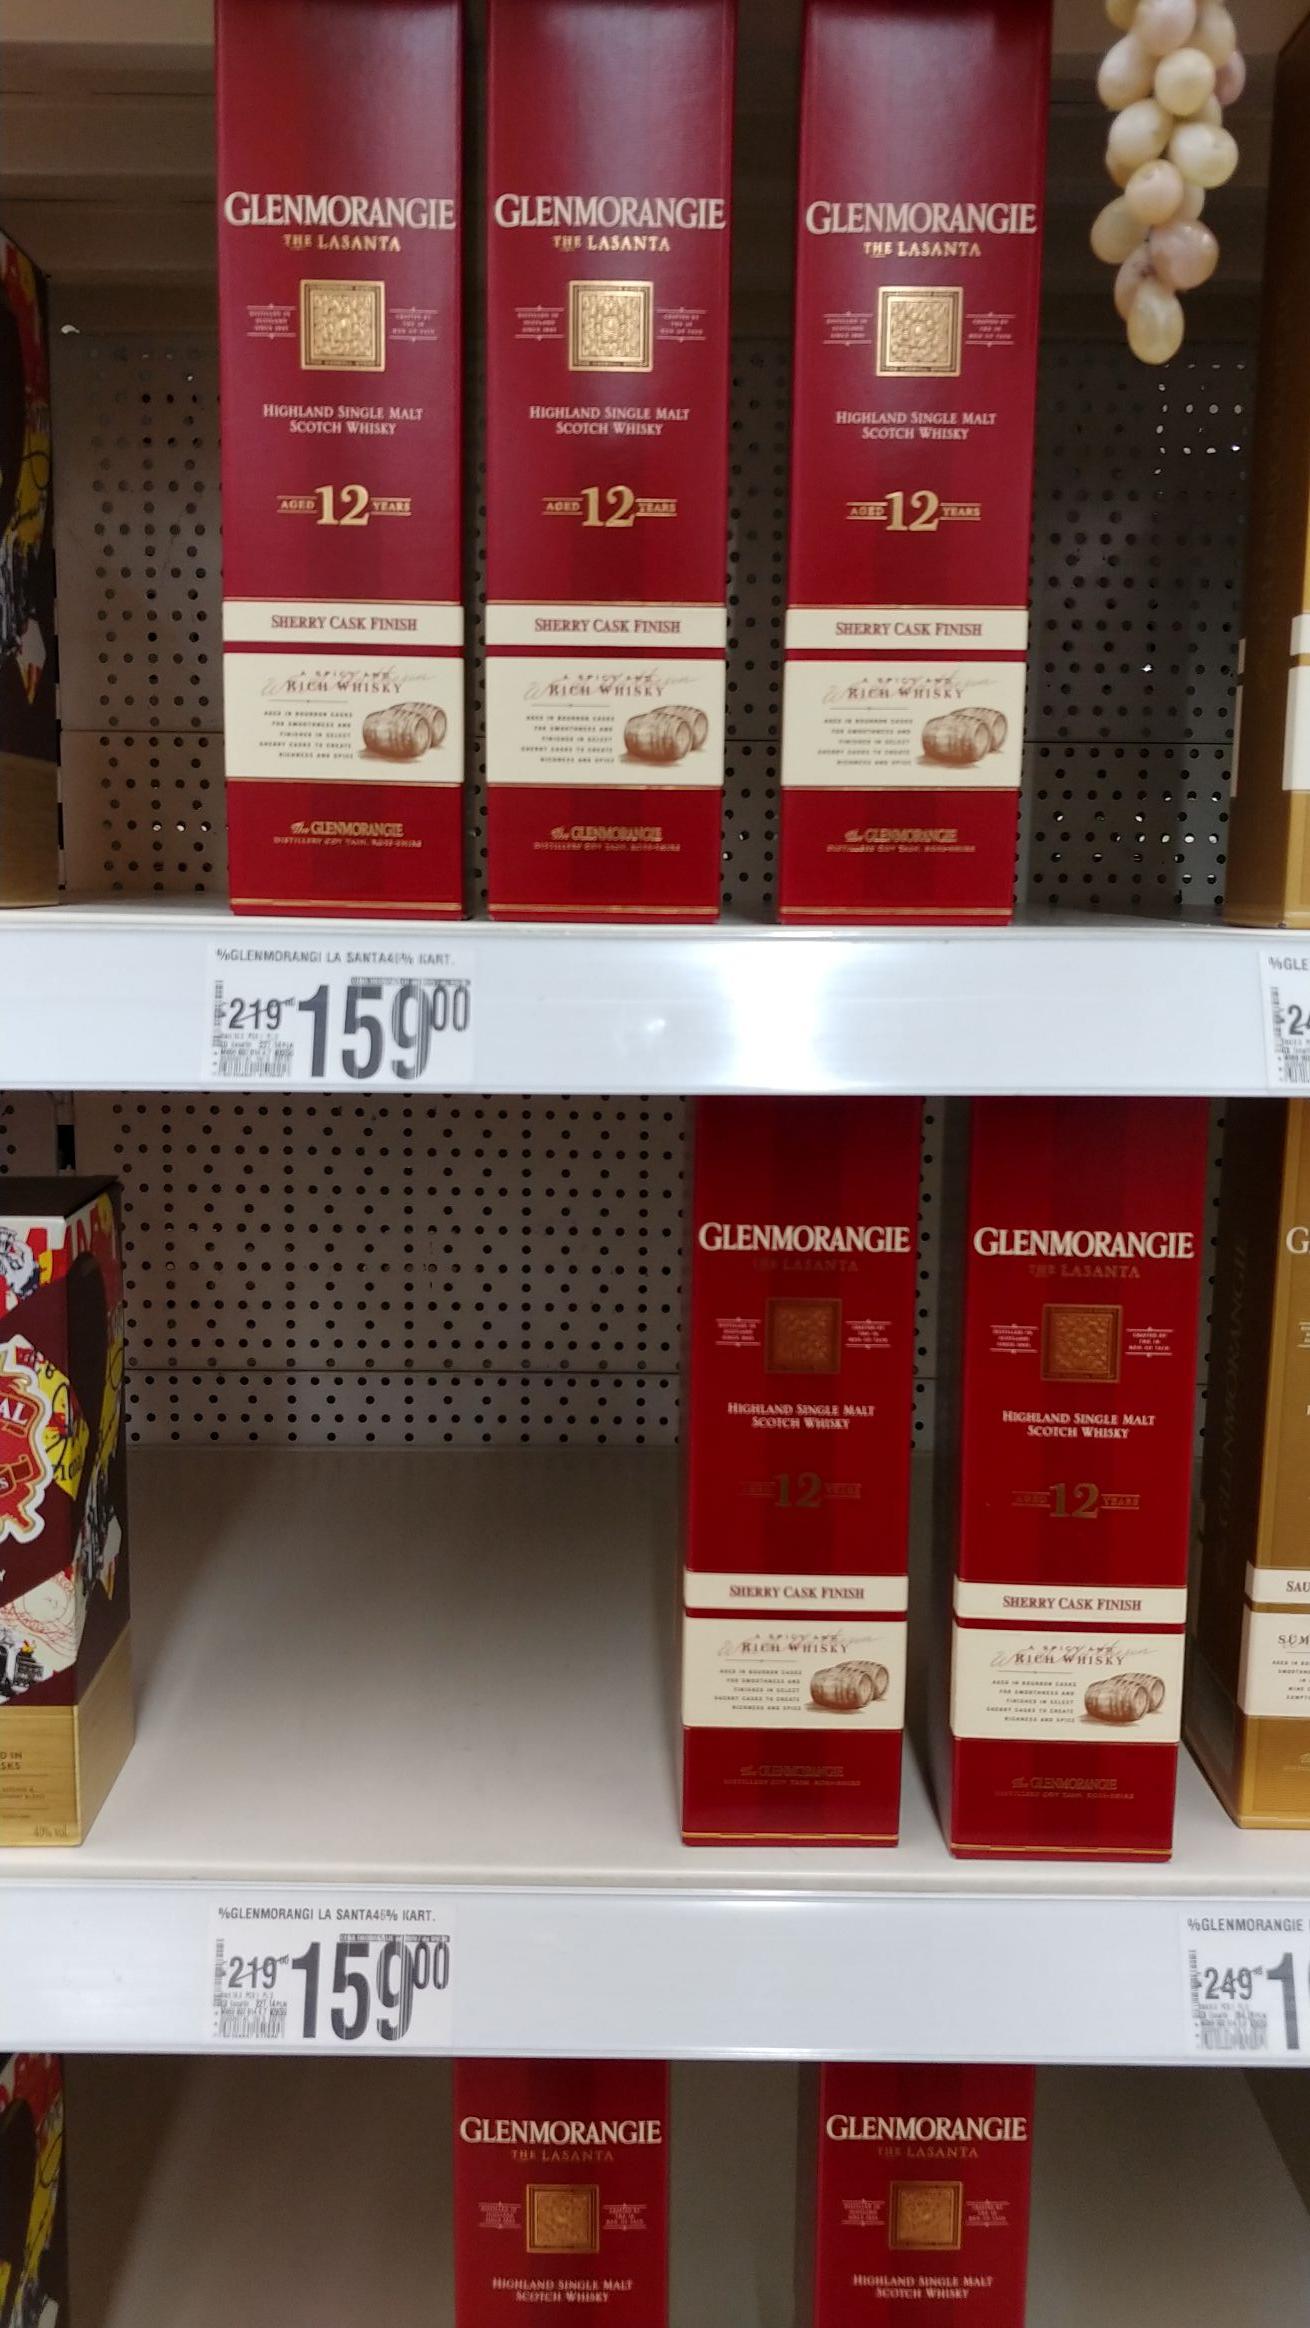 Auchan Ursynów whisky Glenmorangie Lasanta, Ardbeg, Monkey Shoulder